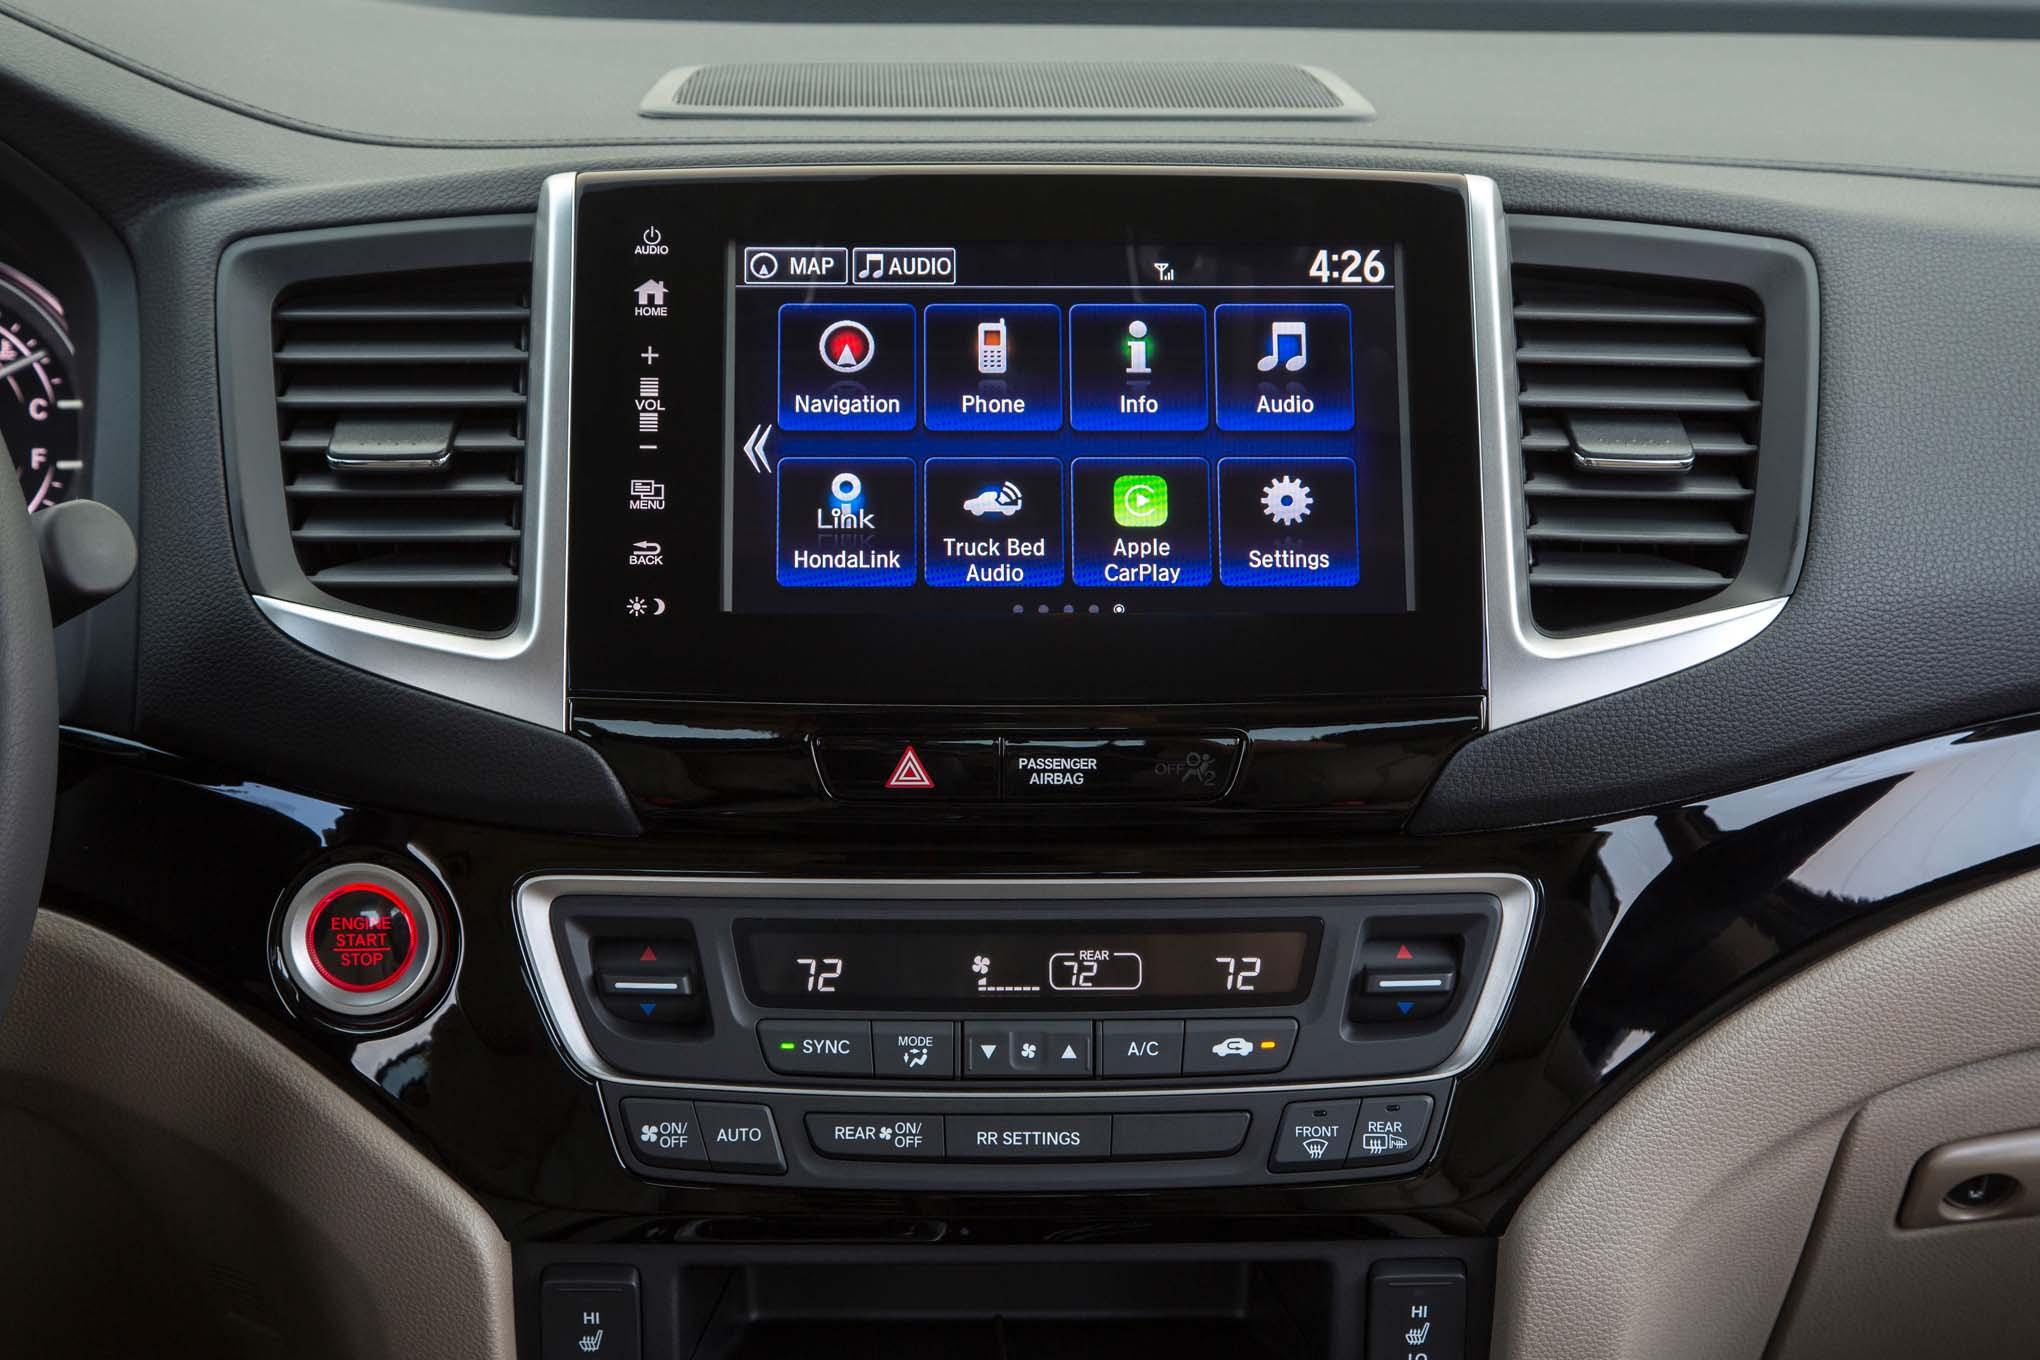 2017 Honda Ridgeline Specifications Review